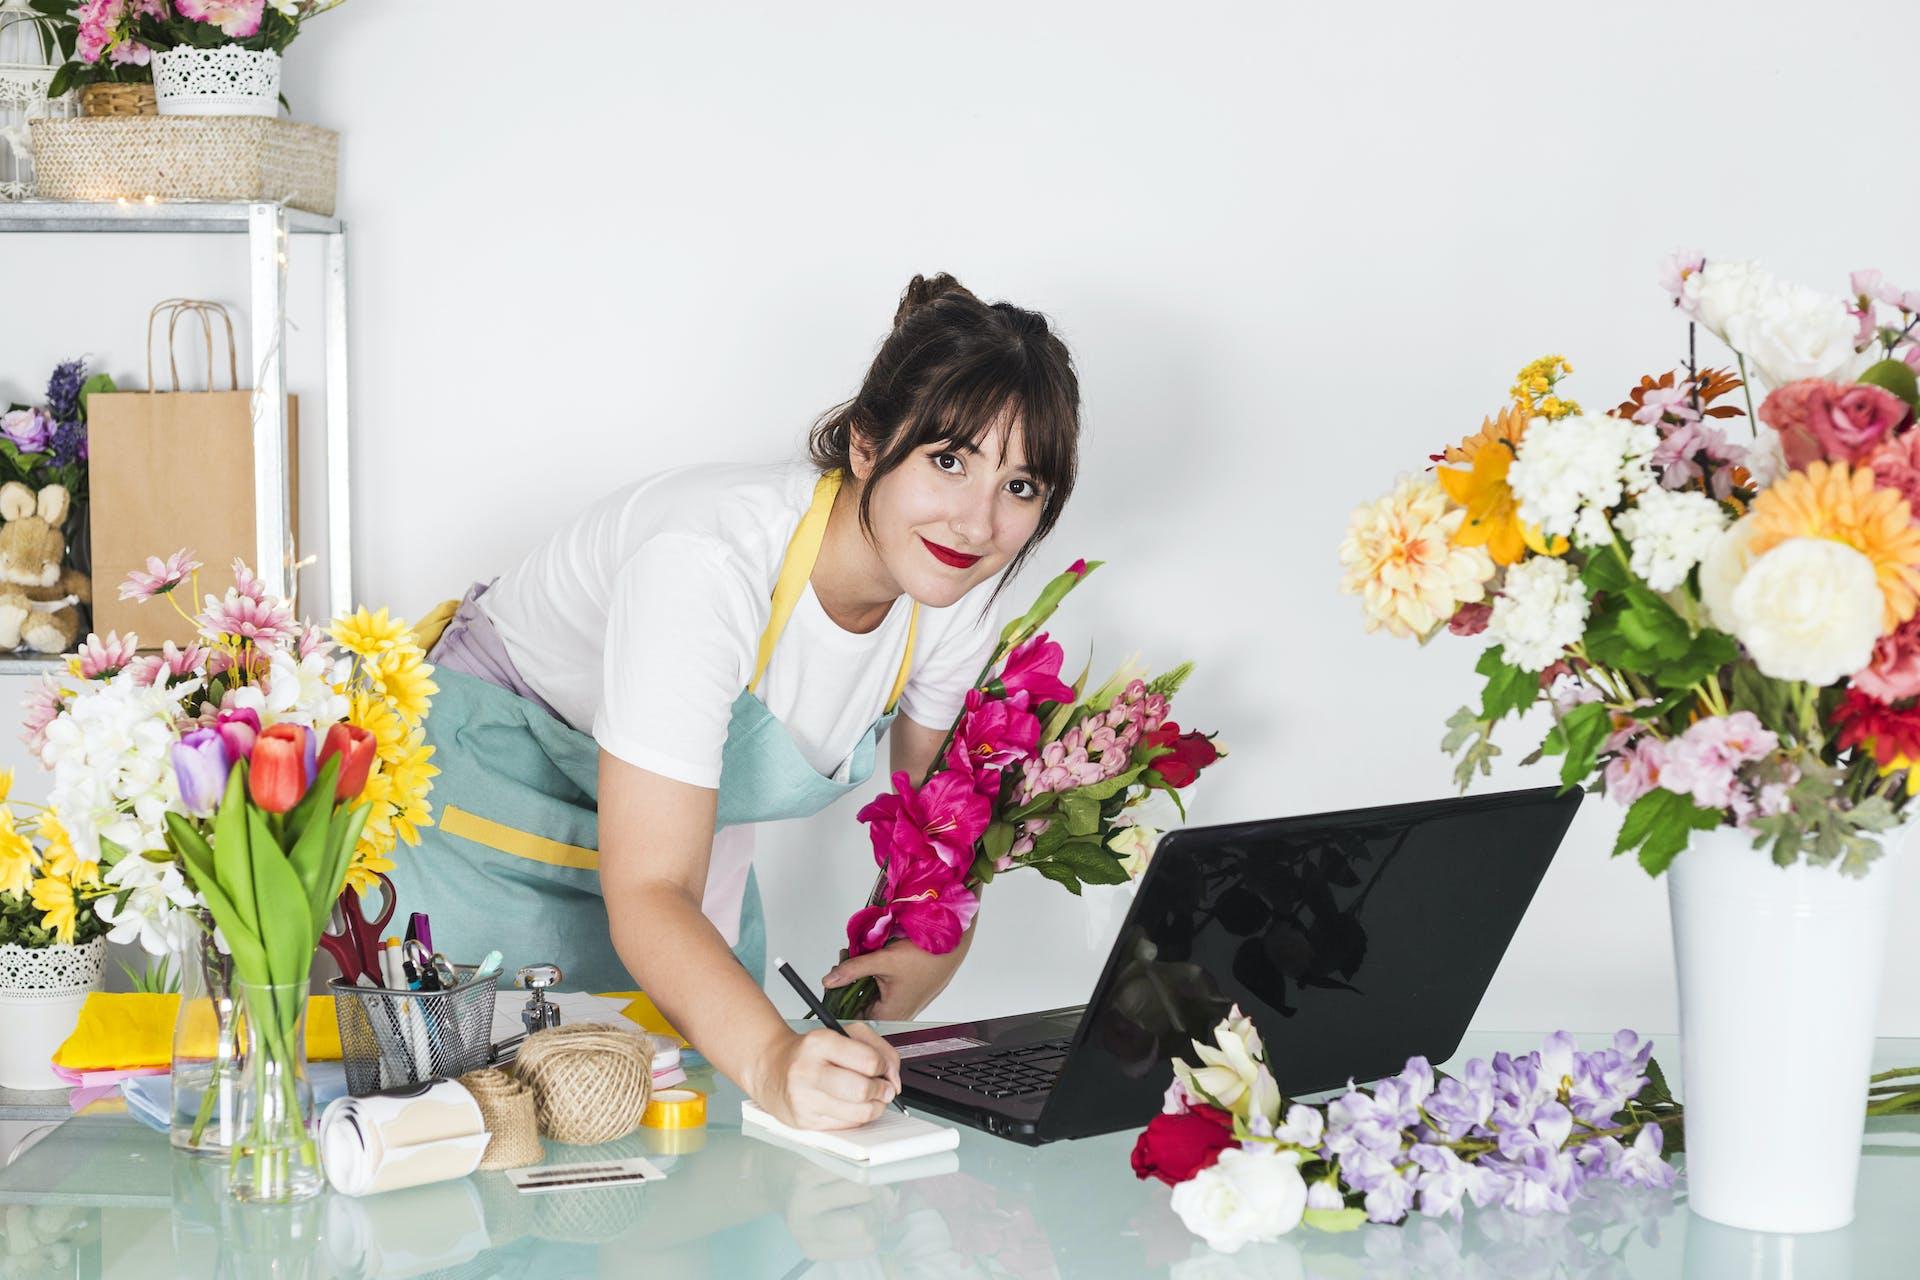 Conoce qué es la floristería y enamórate de los diseños florales [+ técnicas 2021]